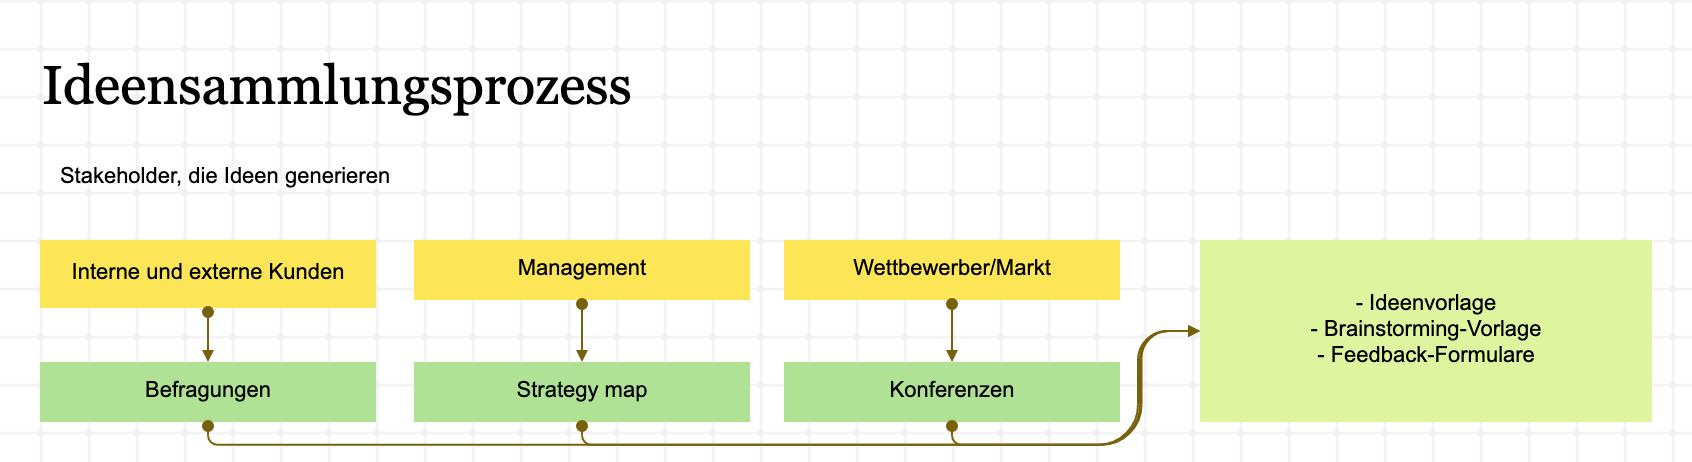 Eine Prozesslandkarte zeigt, wie innovative Ideen in Ihrer Organisation gesammelt und getestet werden